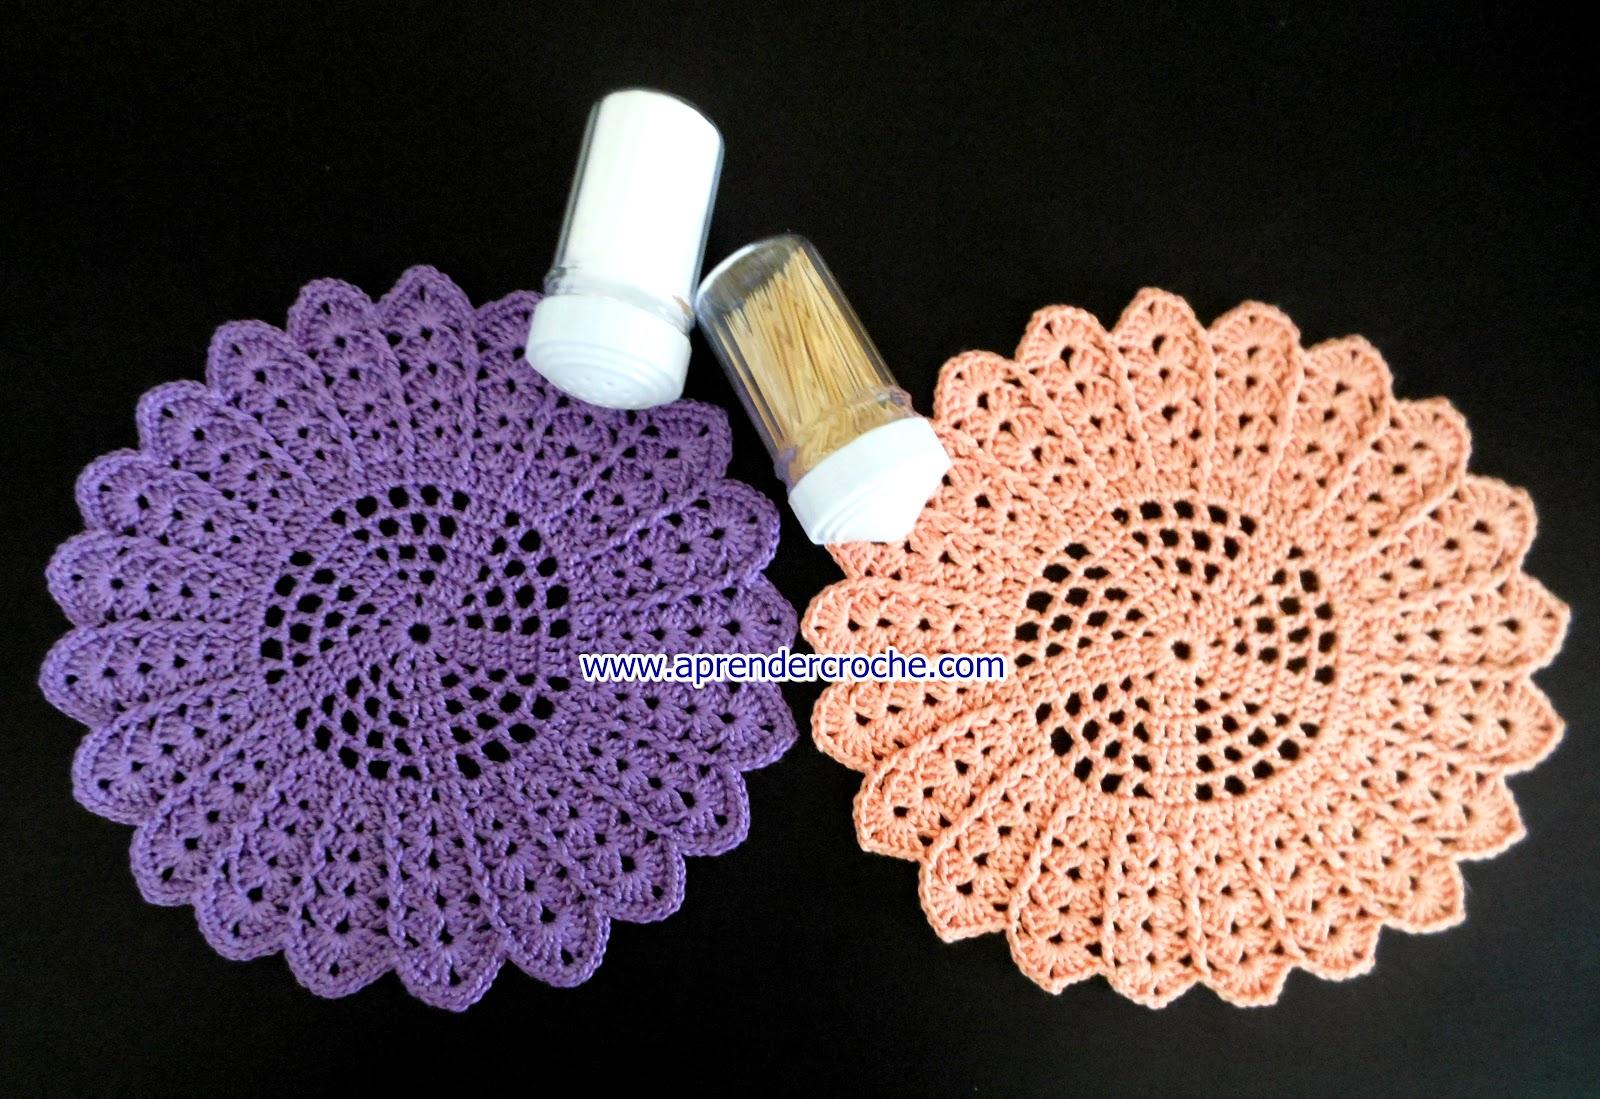 jogos de toalhinhas em aprender croche dvd loja curso de croche edinir-croche